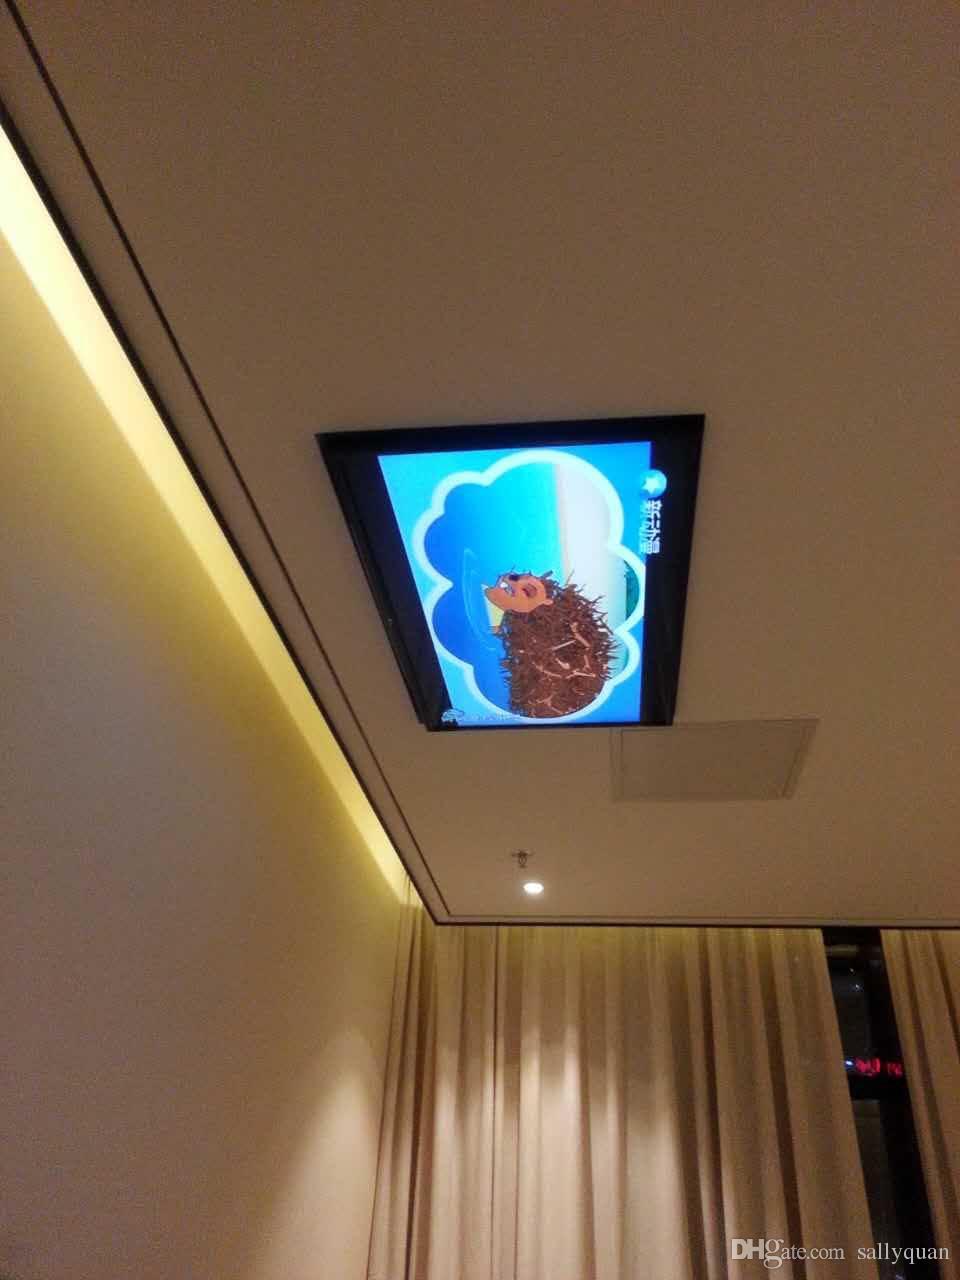 Большой проектный кронштейн потолочный ТВ-лифт для 32-80-дюймового телевизора, кронштейн для крепления телевизора для плазменного телевизора моторизованный 110v-250v для большого проекта